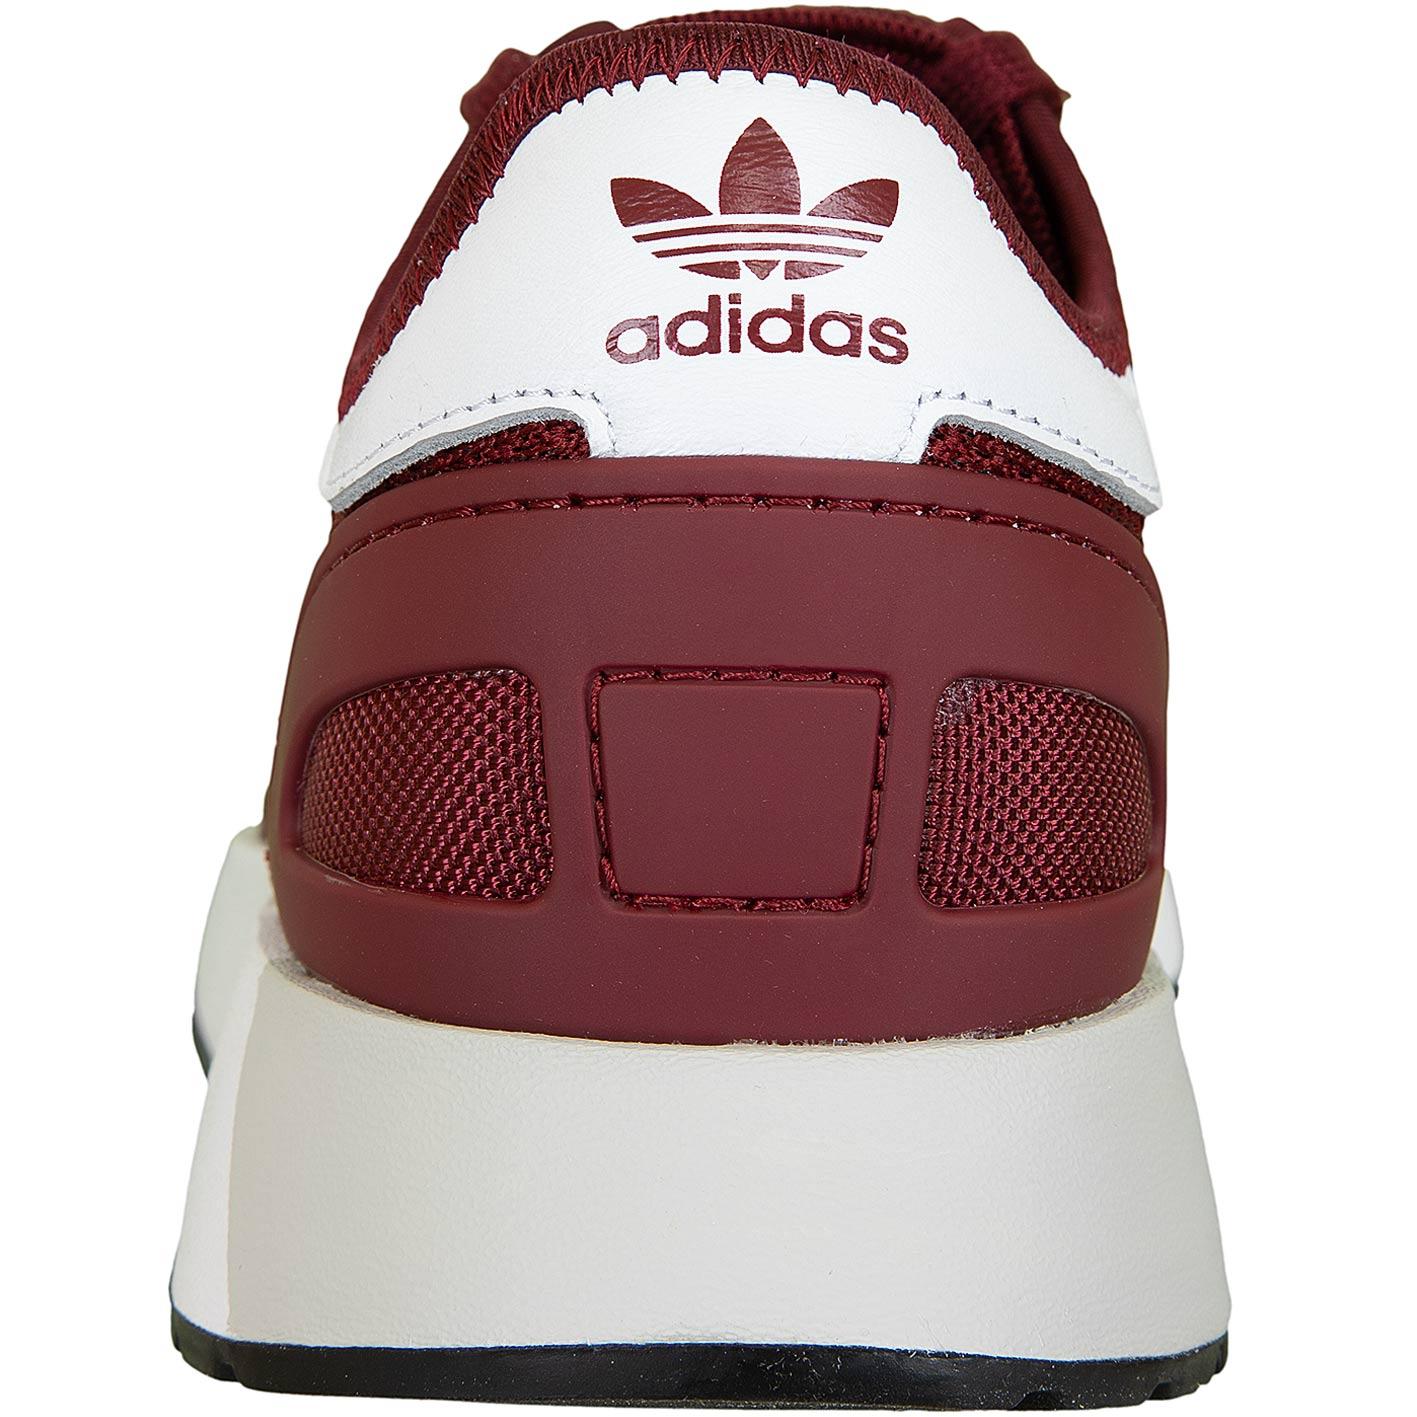 Adidas Originals Sneaker N 5923 weinrotweiß